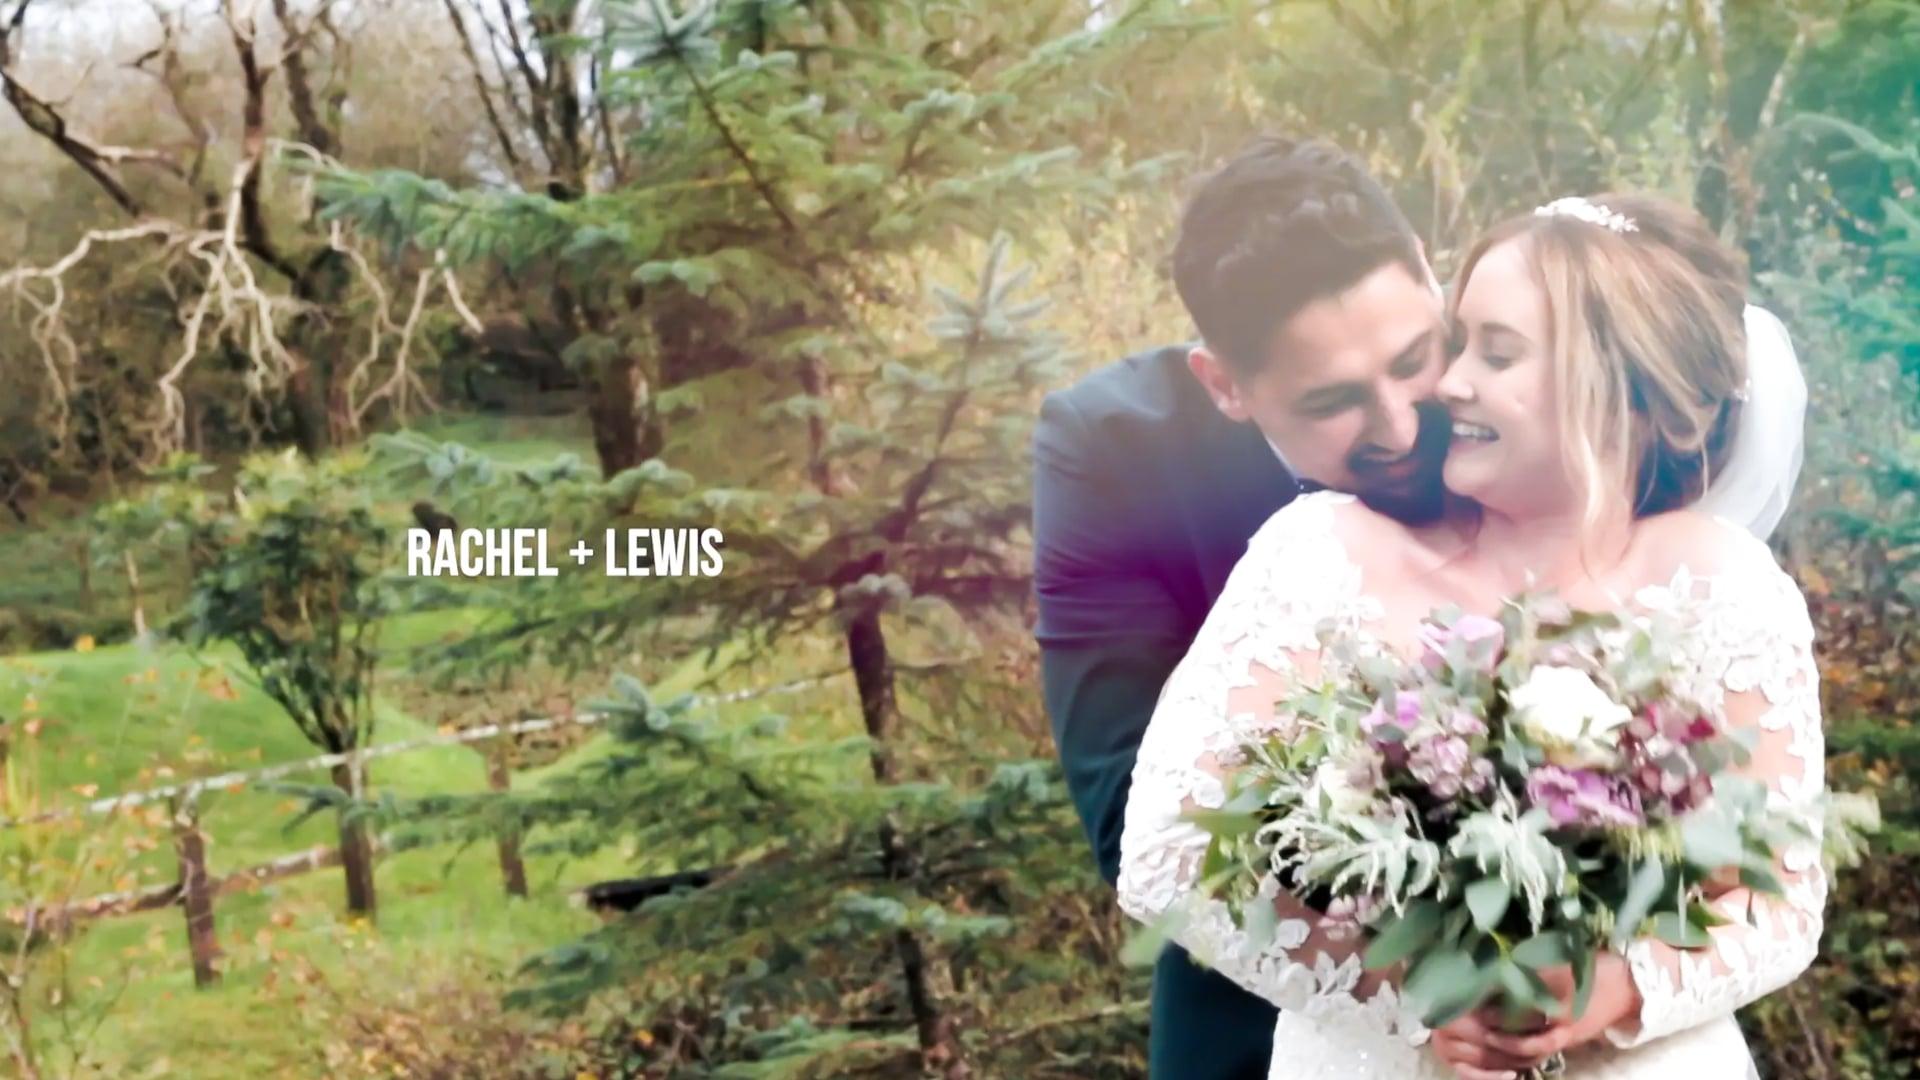 Rachel + Lewis